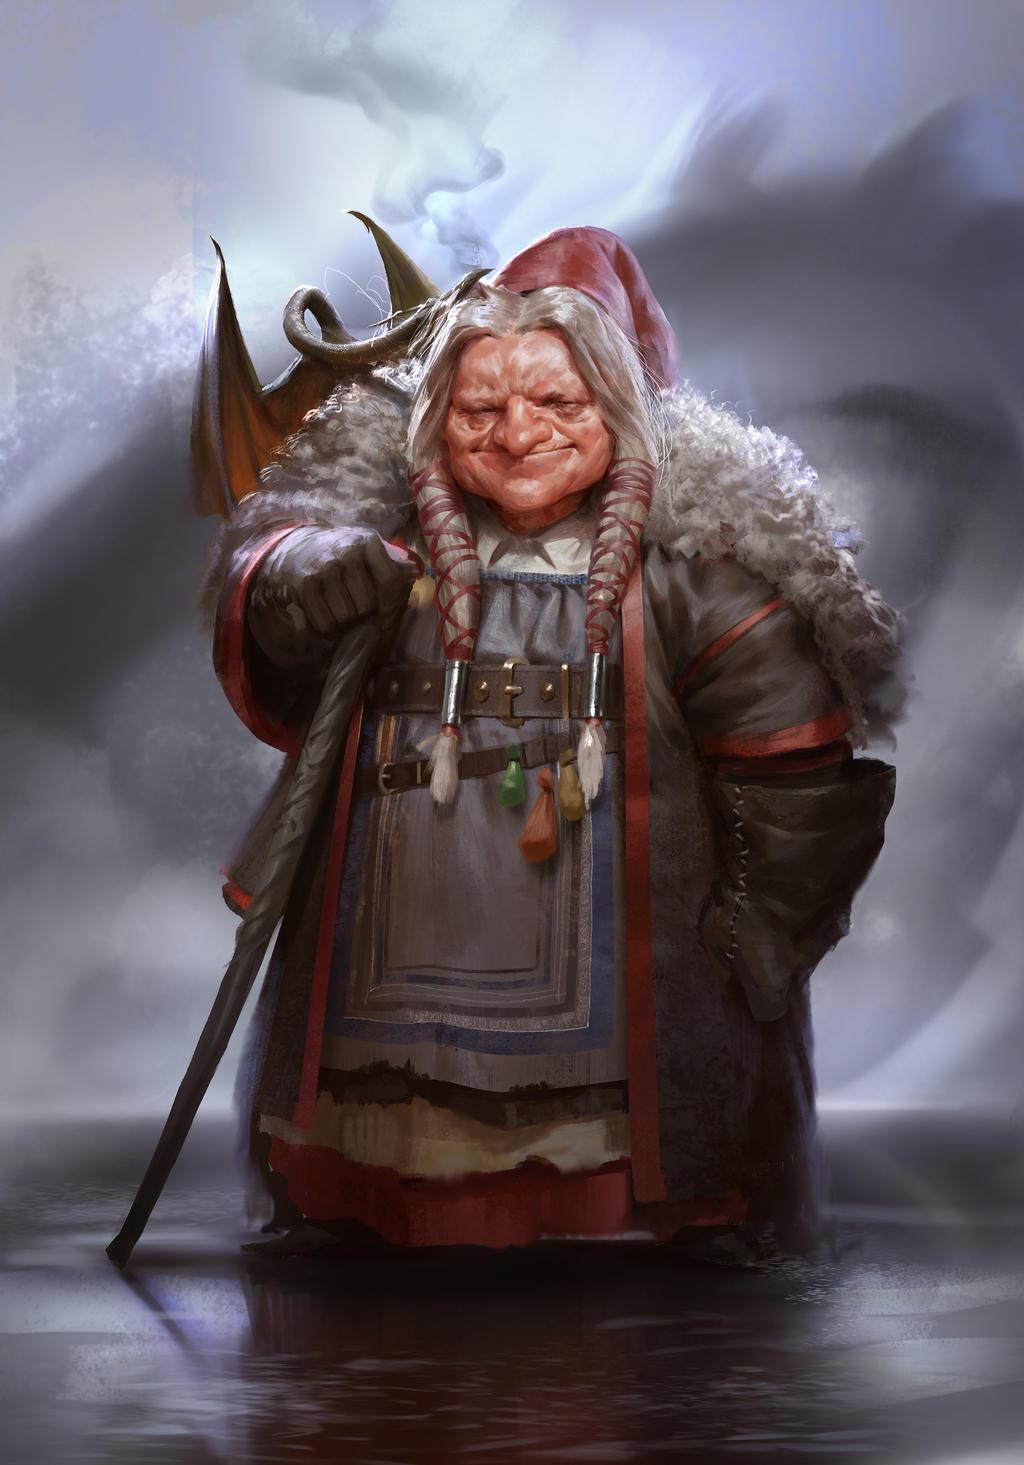 Ragnhild by Mischeviouslittleelf on DeviantArt